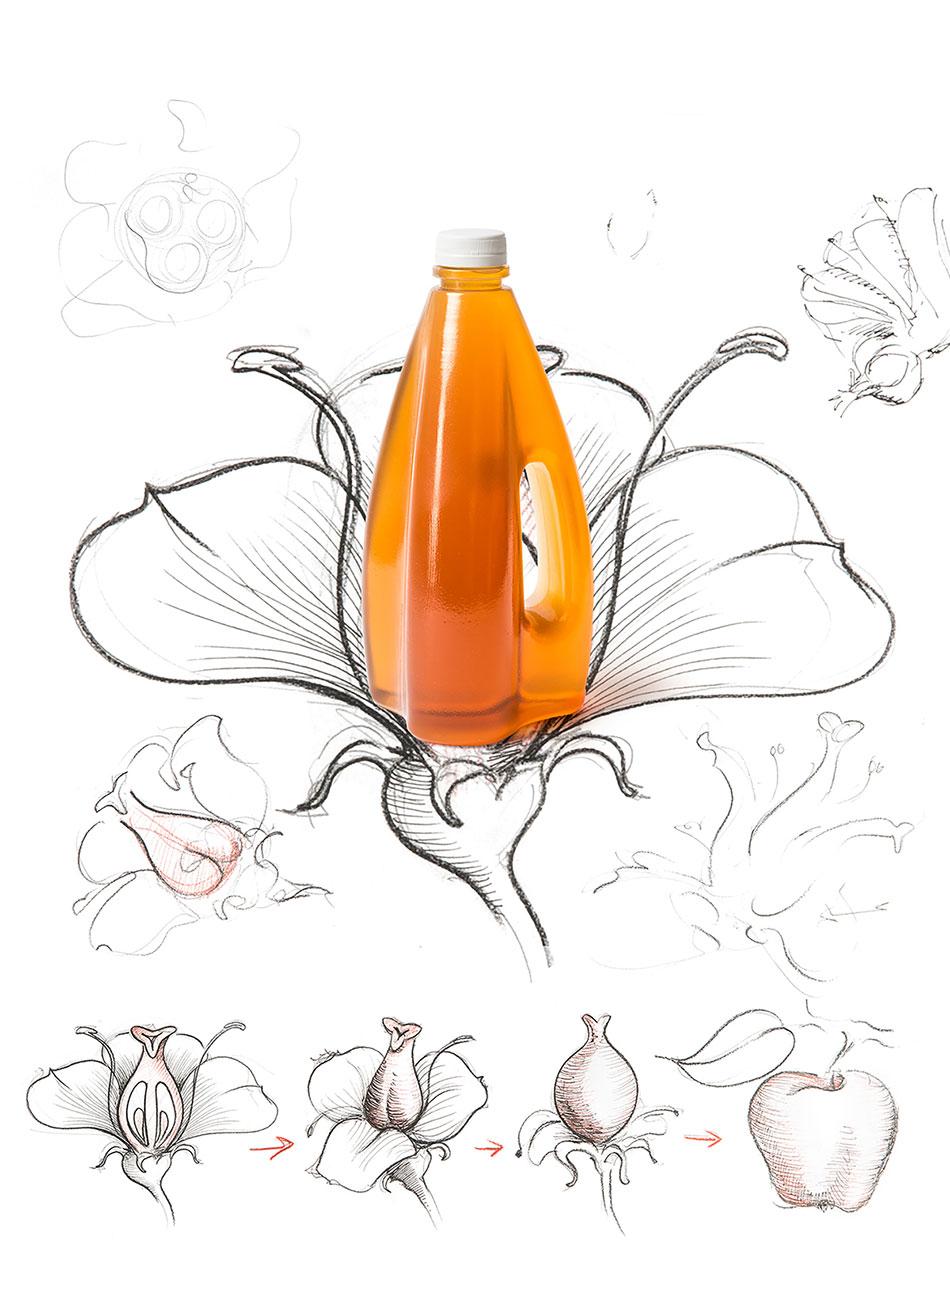 这款SIS果汁包装的表面没有具体的大小、尺寸比例,所有的线条都带有偶然感。尽管常规的瓶贴是采用特殊材料会贴合瓶身。但由于我们这款SIS果汁包装瓶身的表面并不均匀,因此很难通过常规的标签形式贴在瓶身上。考虑到这一点,我们开发了一种带有波浪边的标签,它随着瓶身的表面积起伏,并与瓶身紧紧贴合。            包装设计过程